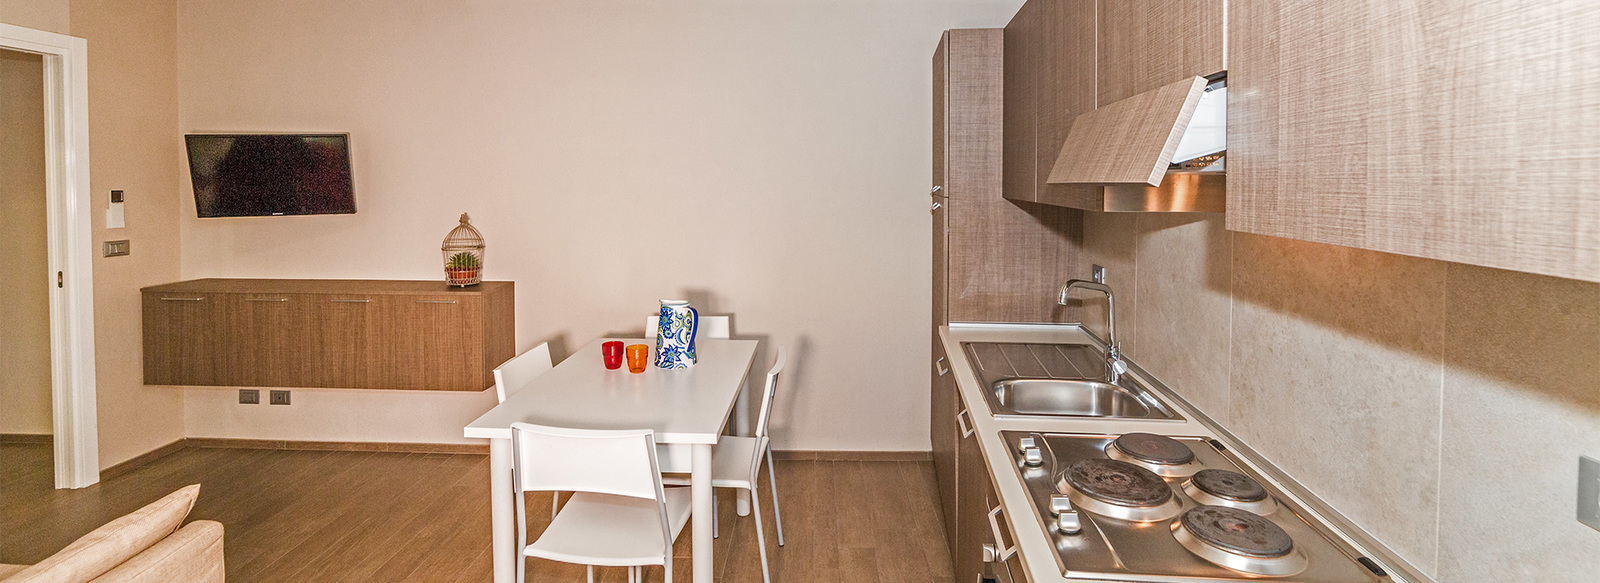 Appartamenti a Diano Marina fino a 6 posti letto